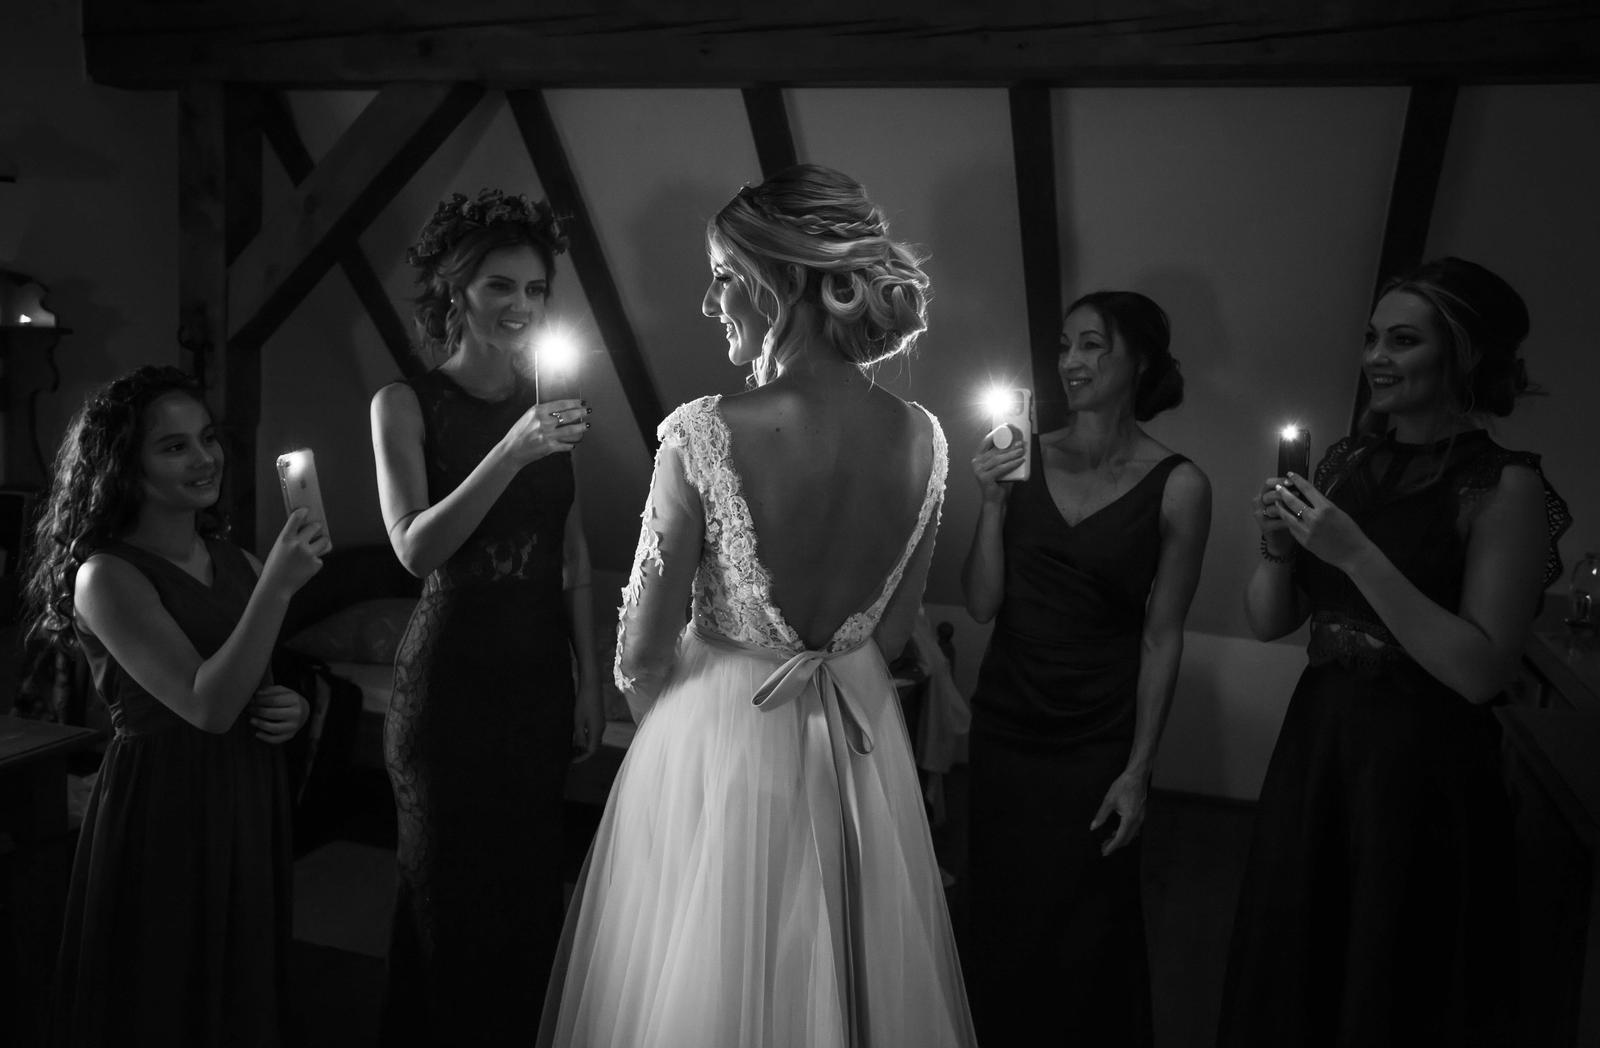 Weddings 👰2019 - Obrázek č. 2